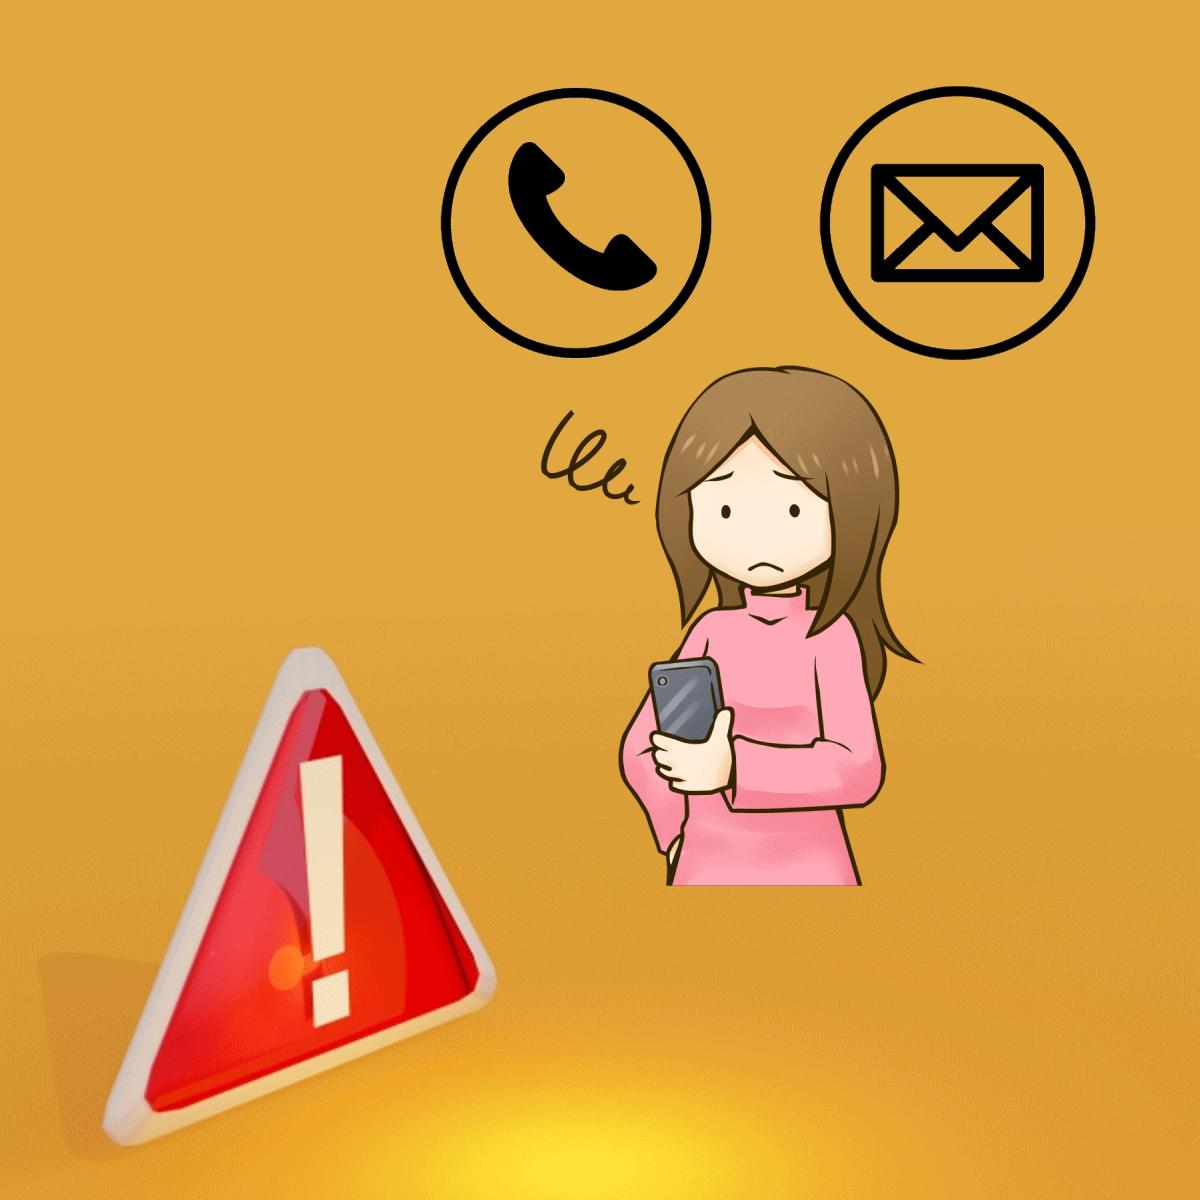 電話・メールで連絡する際の注意事項を表わすイラスト